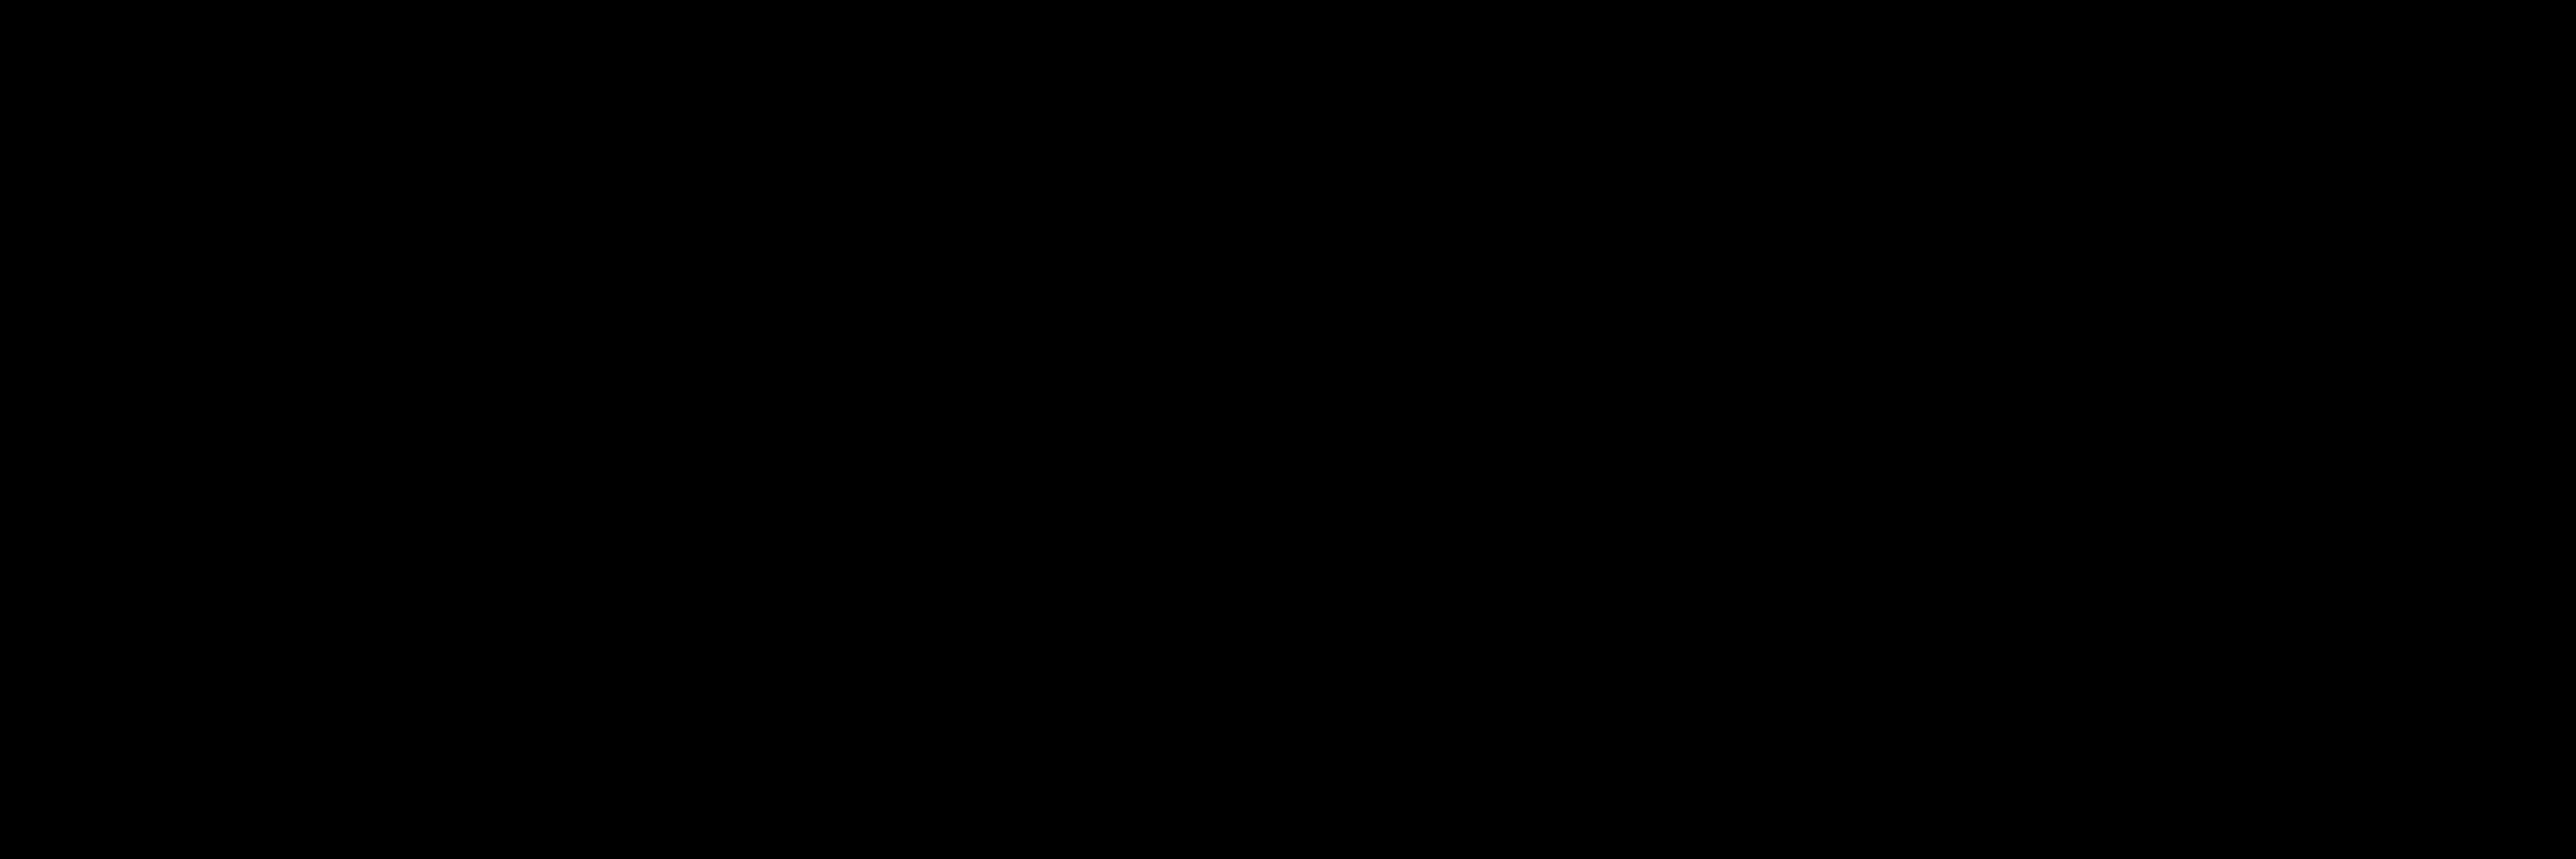 Notre-Dame prima e dopo il rogo: tetto in fiamme e guglia crollata